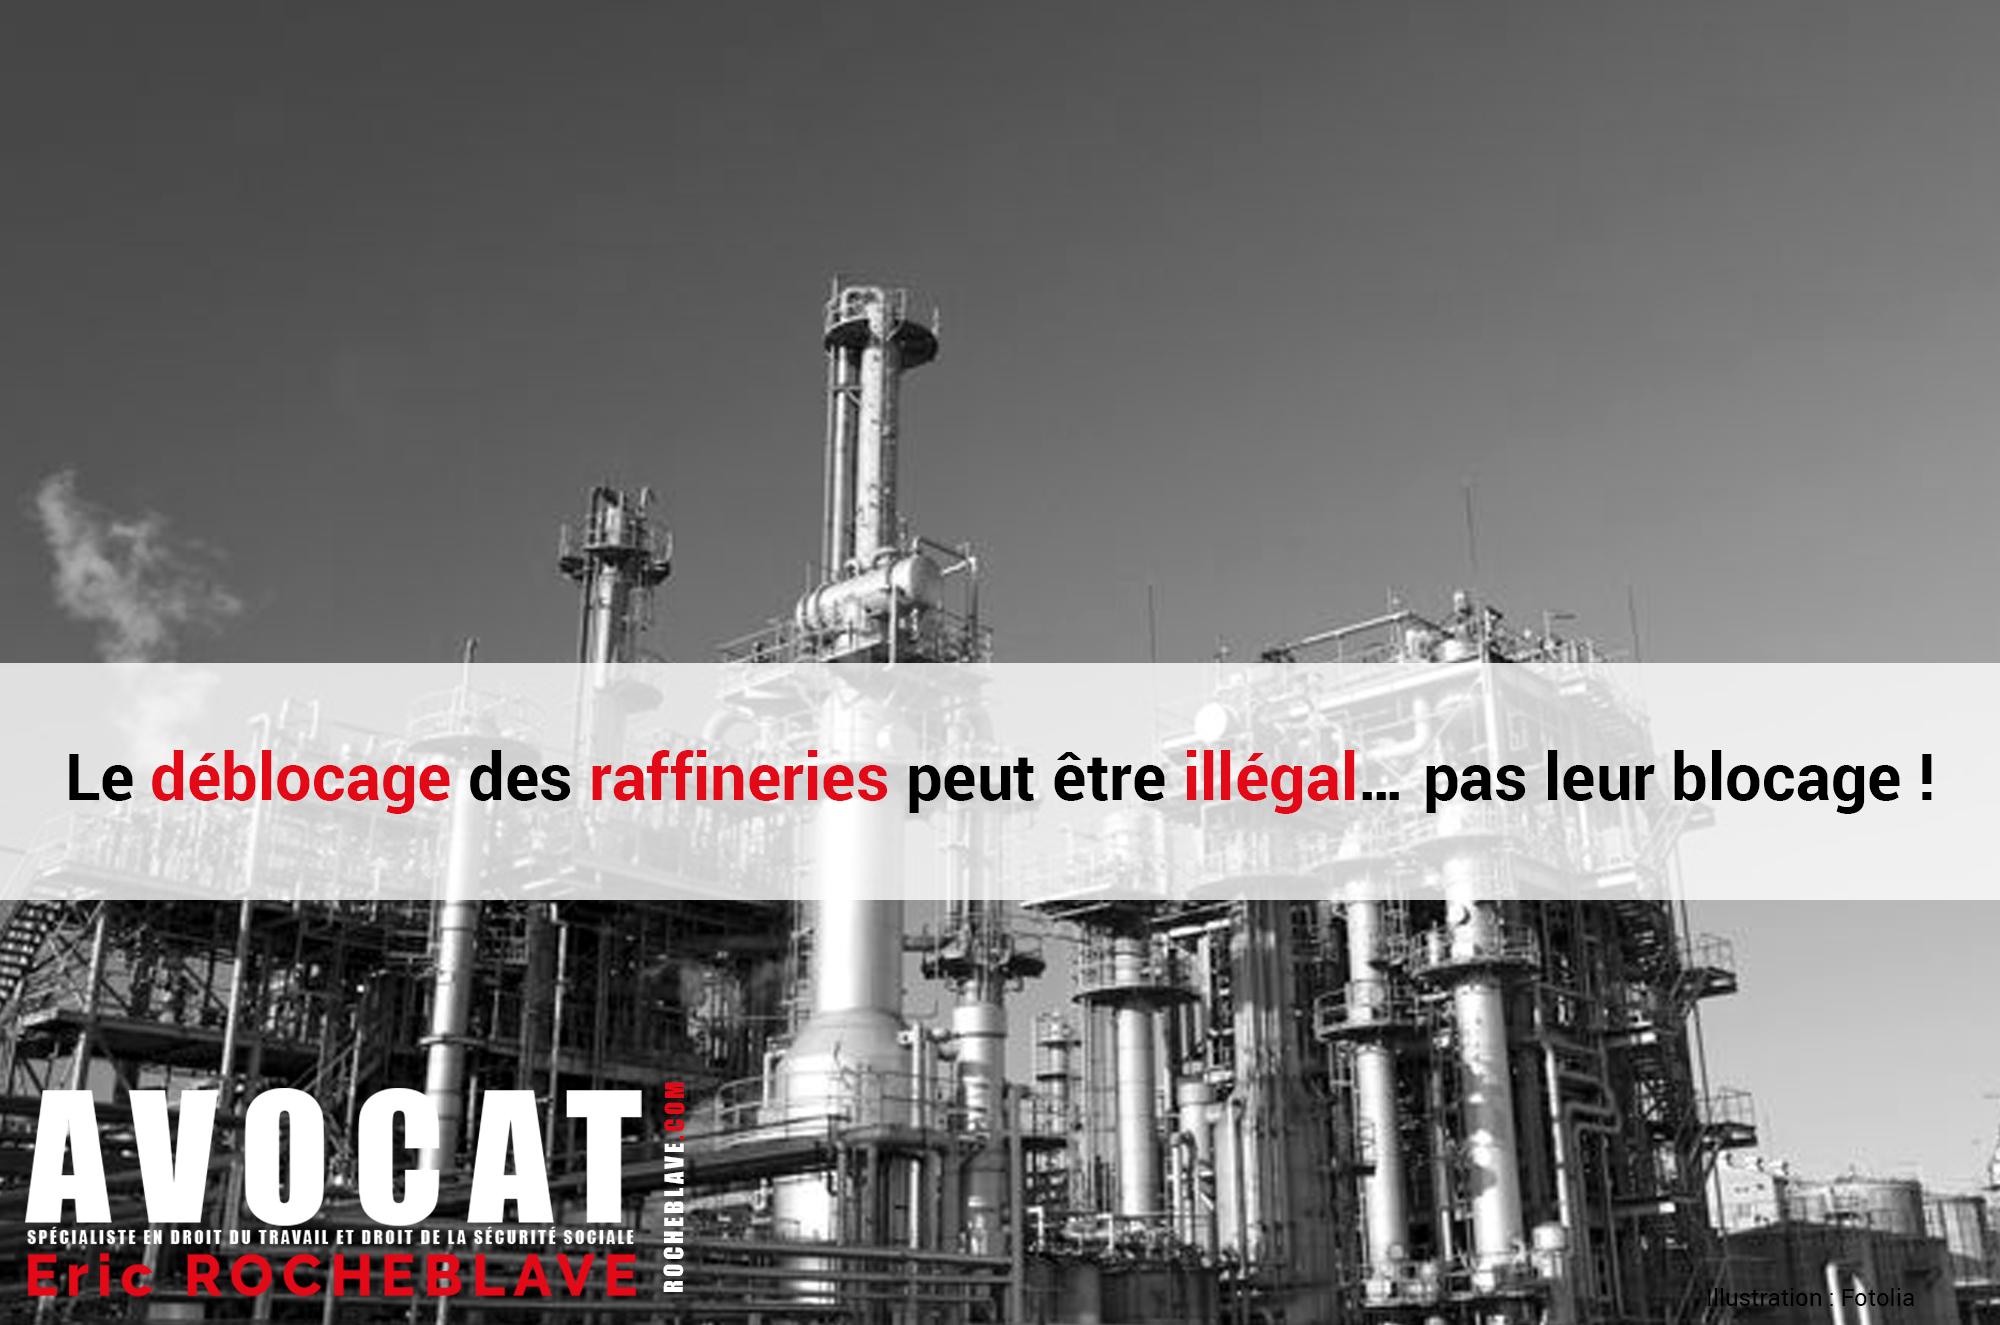 Le déblocage des raffineries peut être illégal… pas leur blocage !